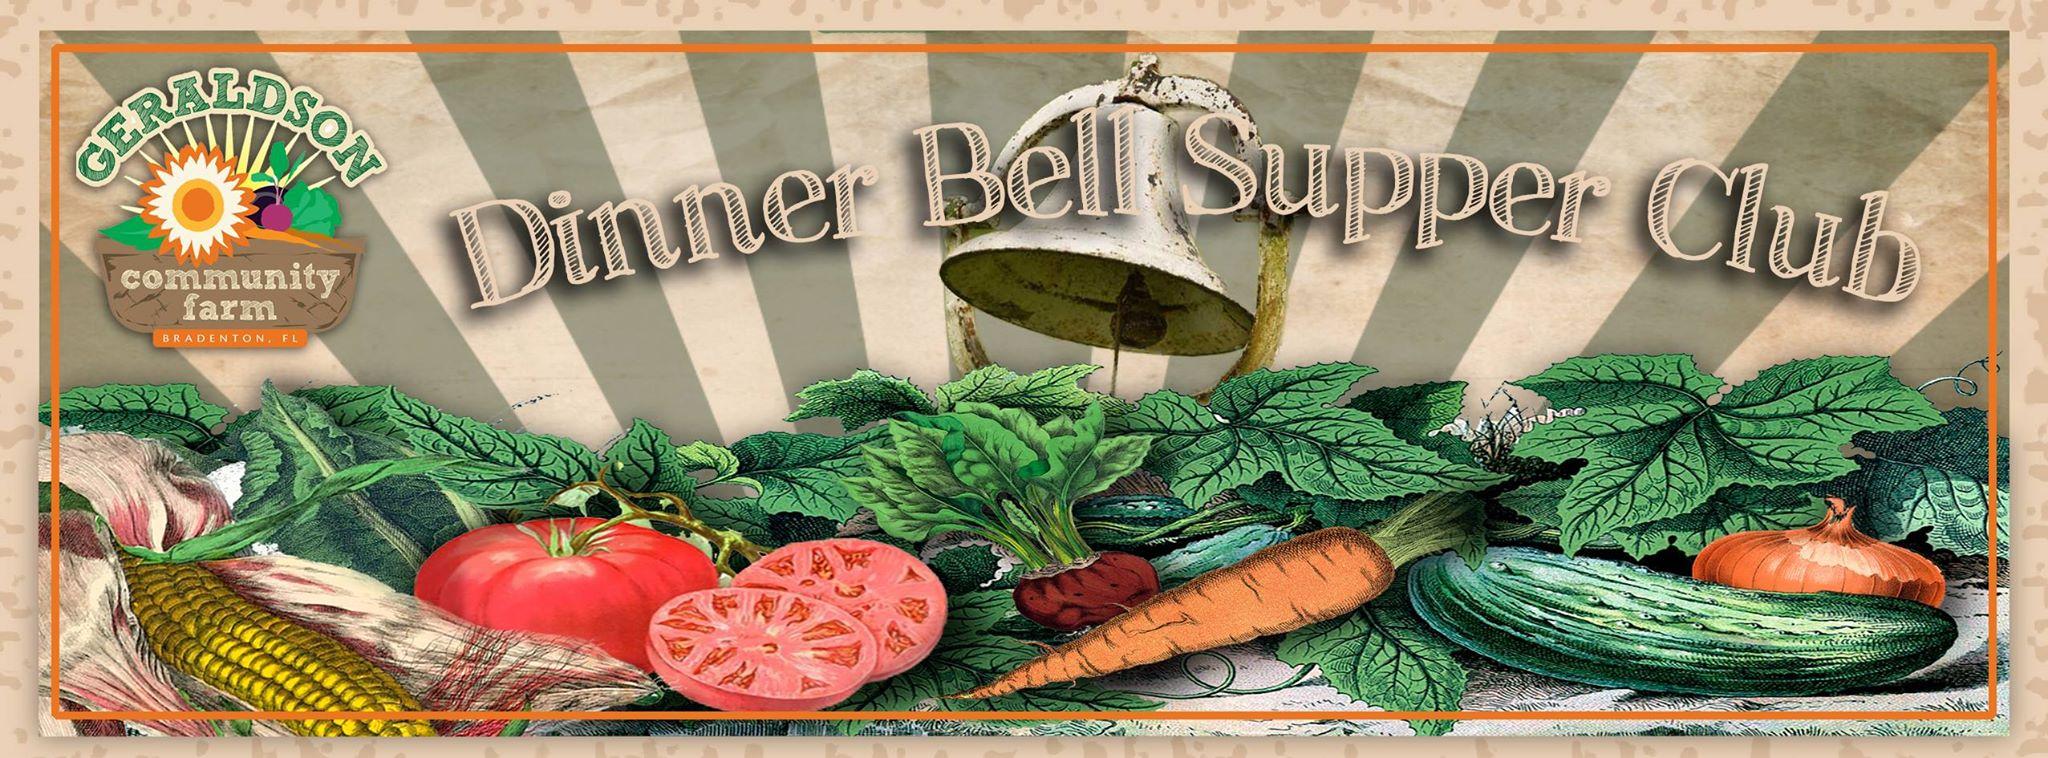 Dinner Bell Supper Club